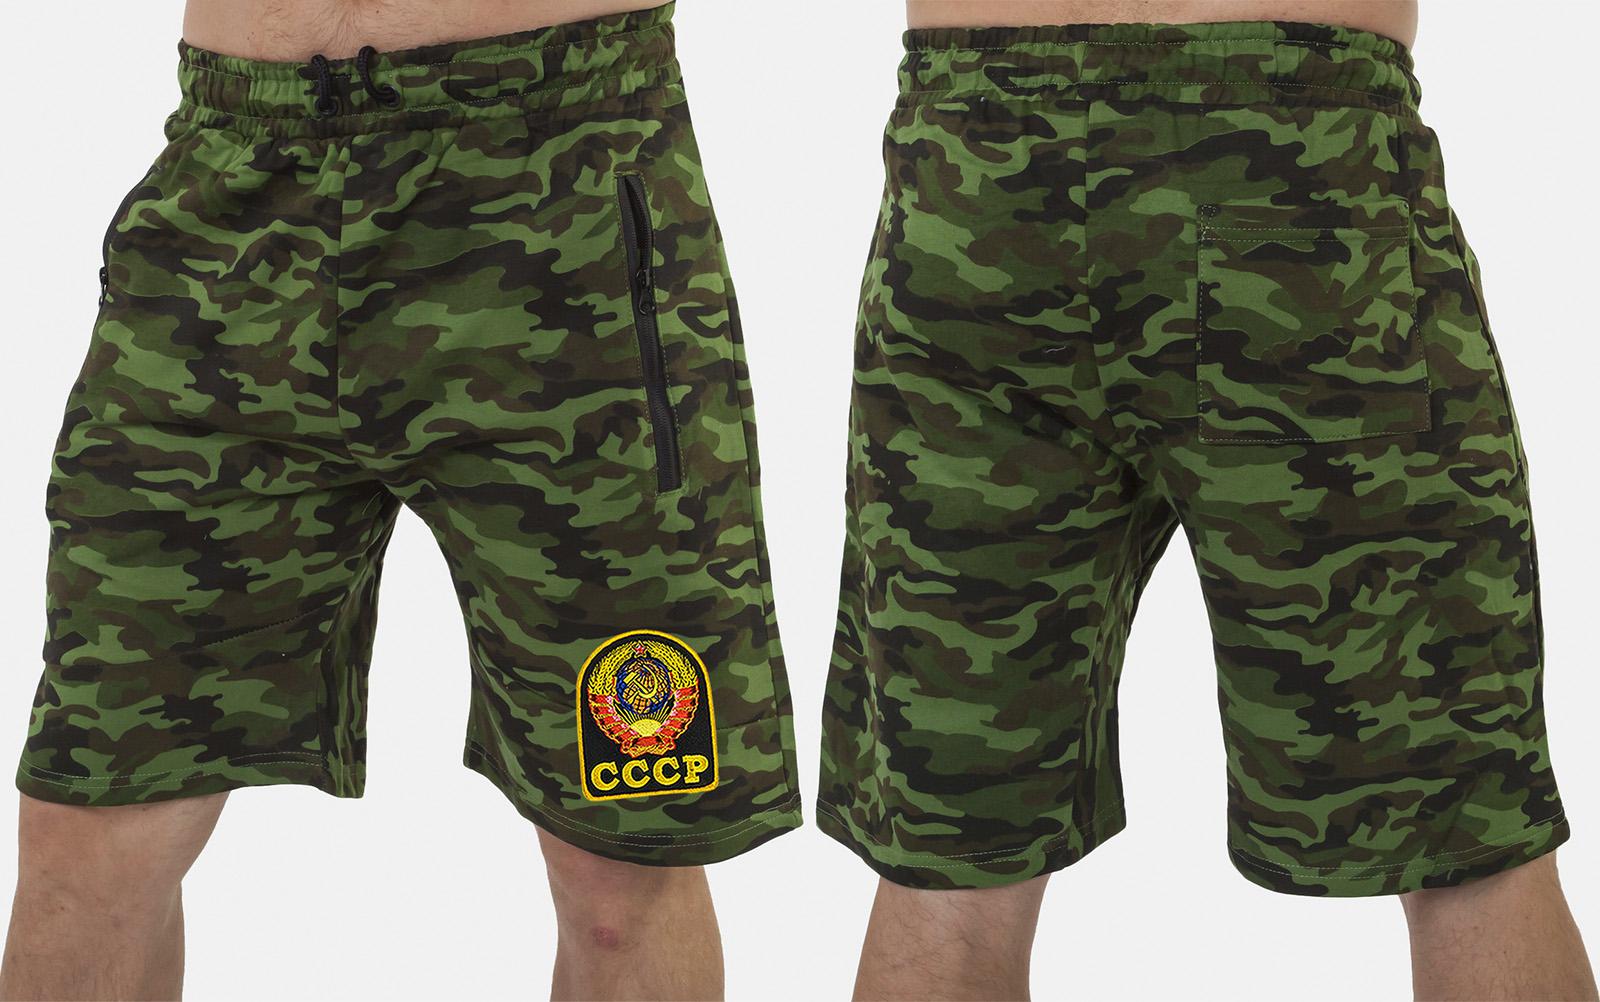 Мужские надежные шорты свободного кроя с нашивкой СССР - купить в подарок